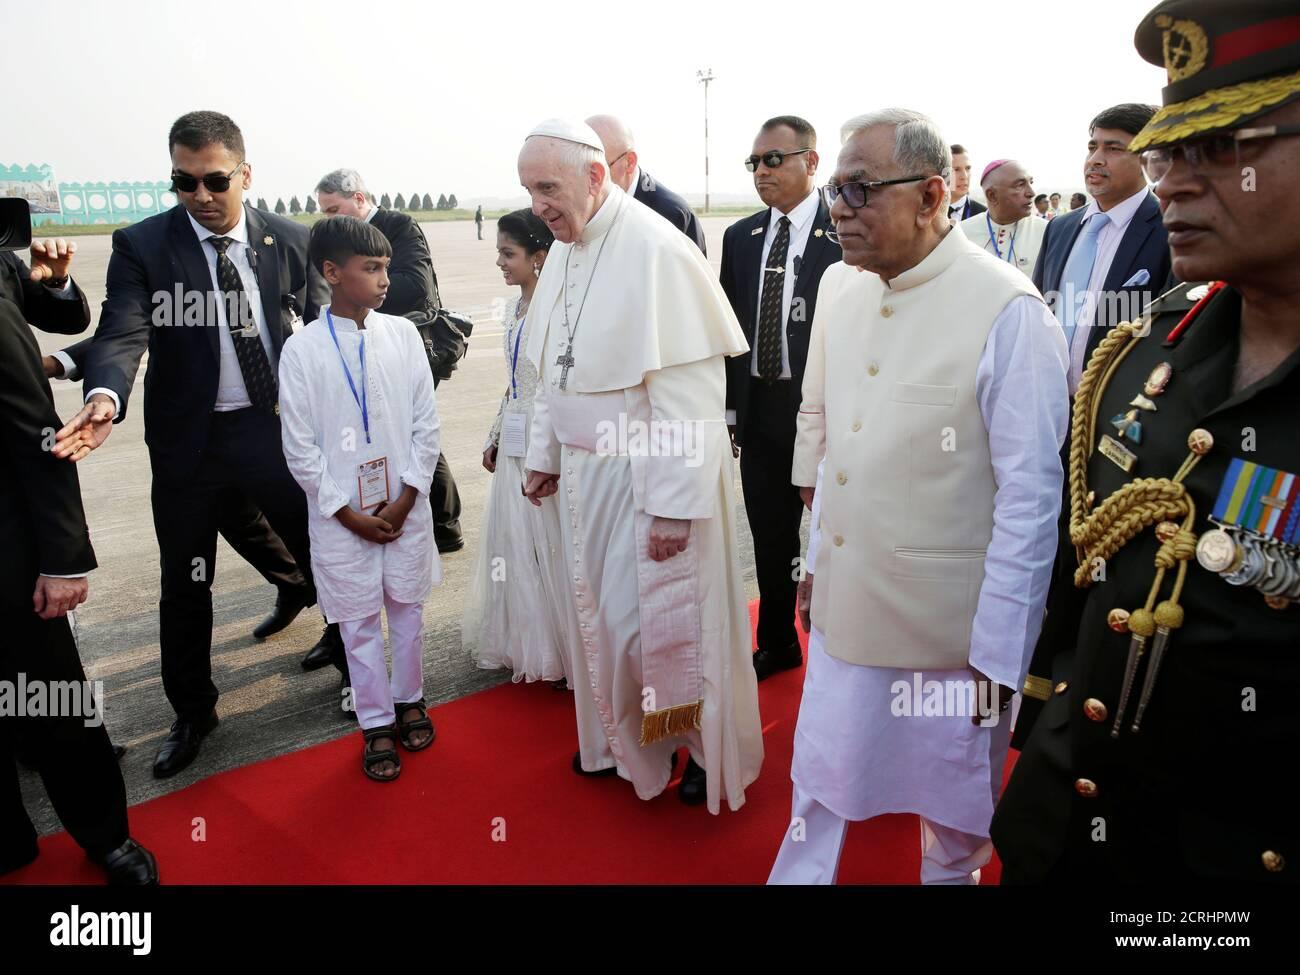 Le pape François marche avec le président du Bangladesh, Abdul Hamid, après son arrivée à l'aéroport de Dhaka, au Bangladesh, le 30 novembre 2017. REUTERS/Max Rossi Banque D'Images